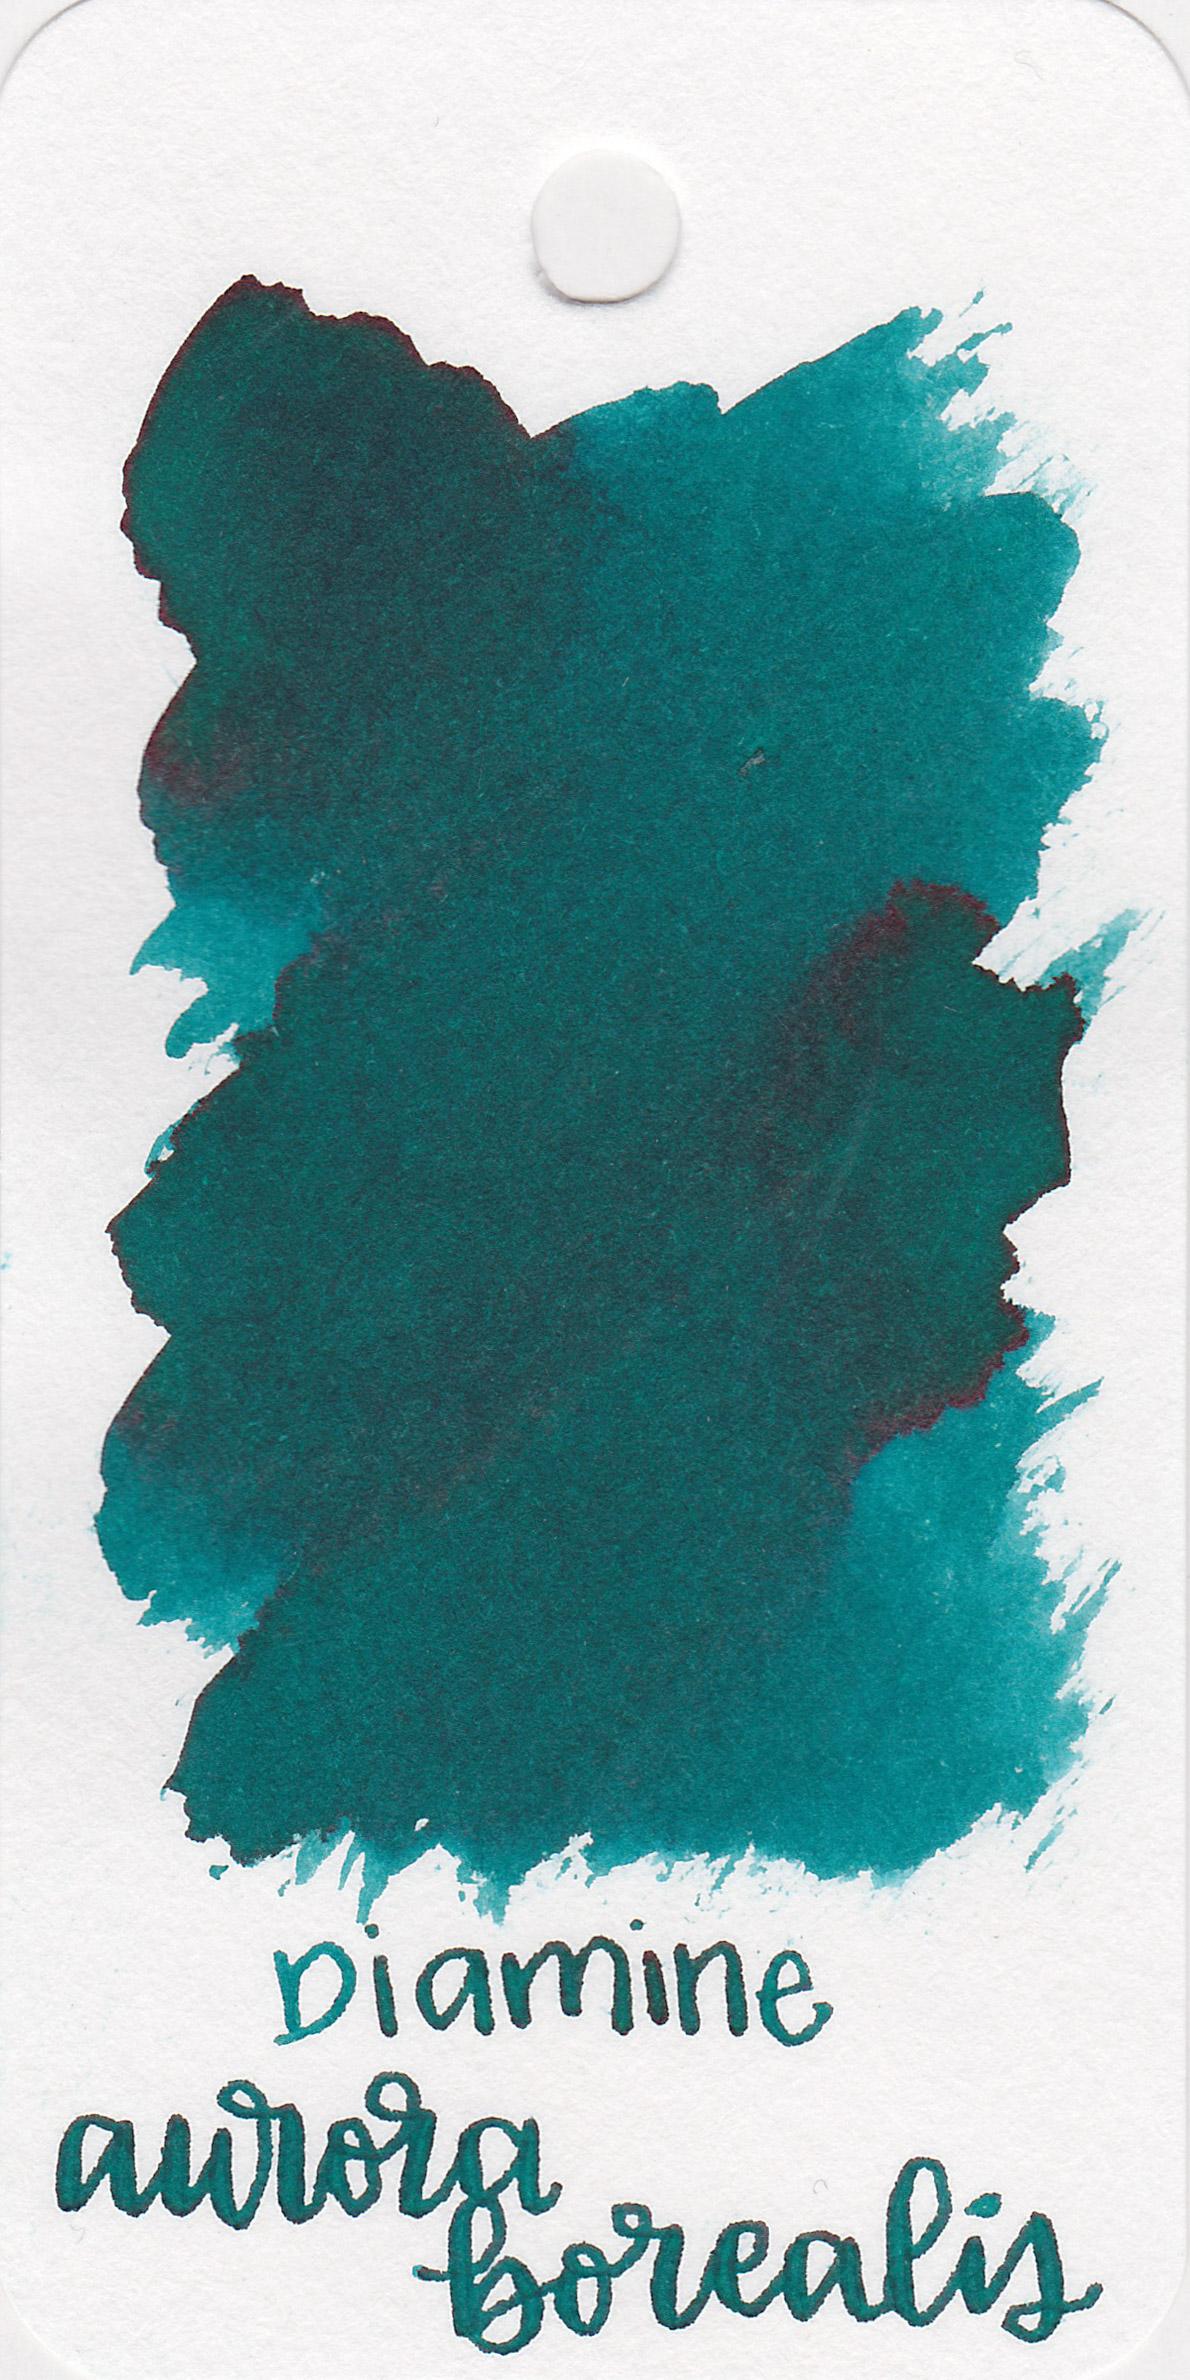 d-aurora-borealis-1.jpg